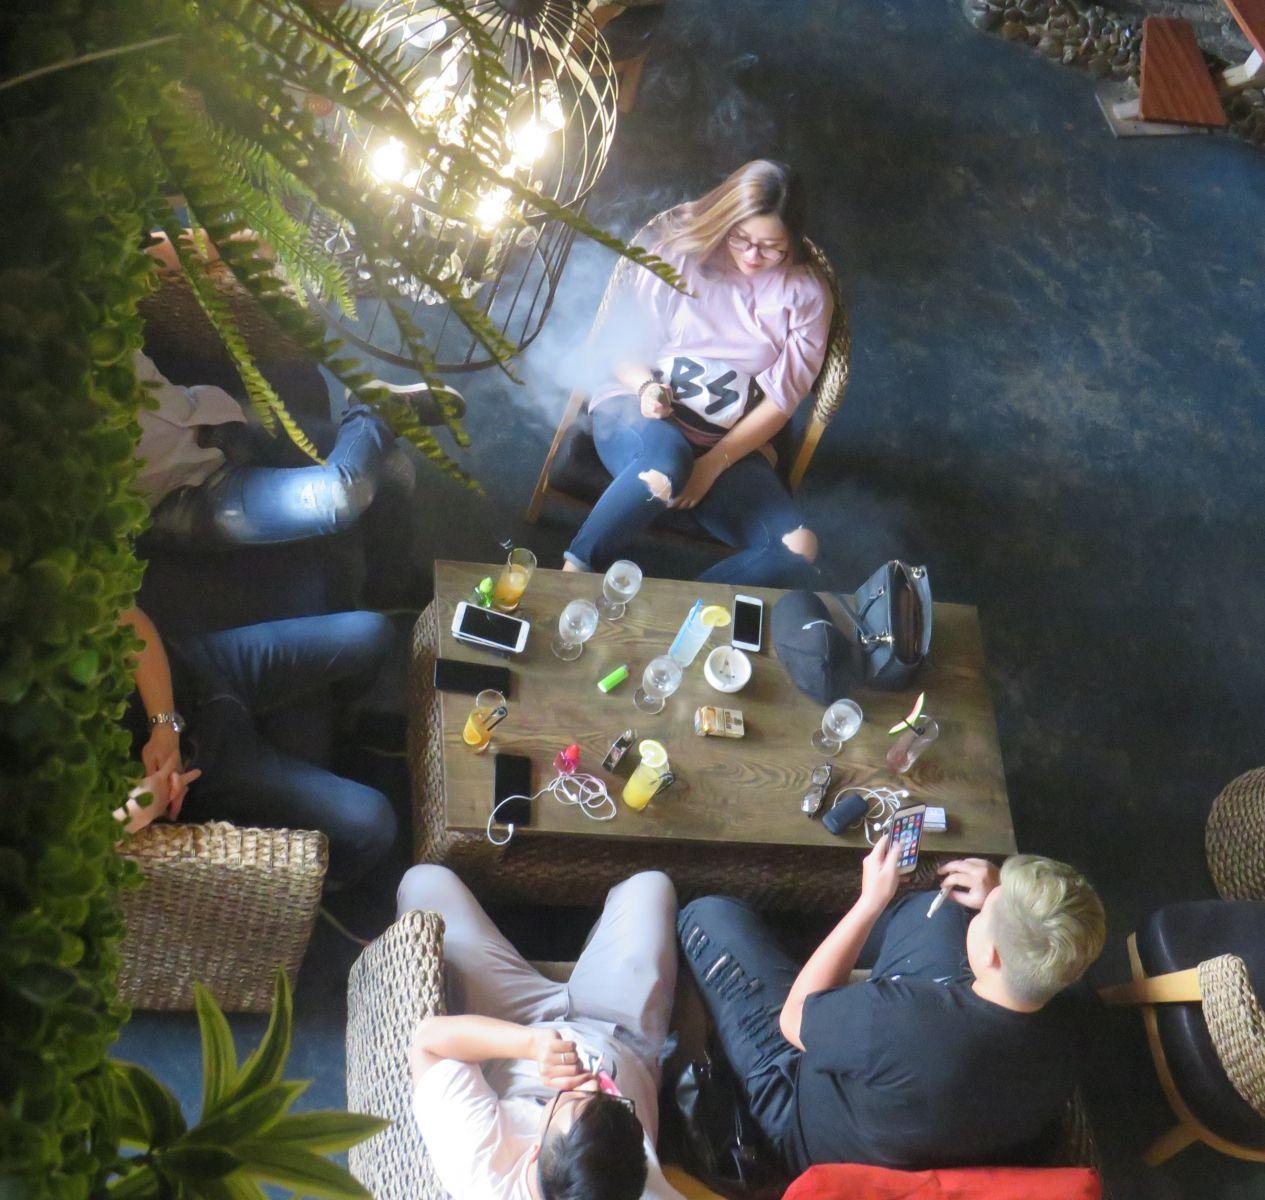 5 quán cafe yên tĩnh quận Đống Đa cho bạn trốn cả thế giới